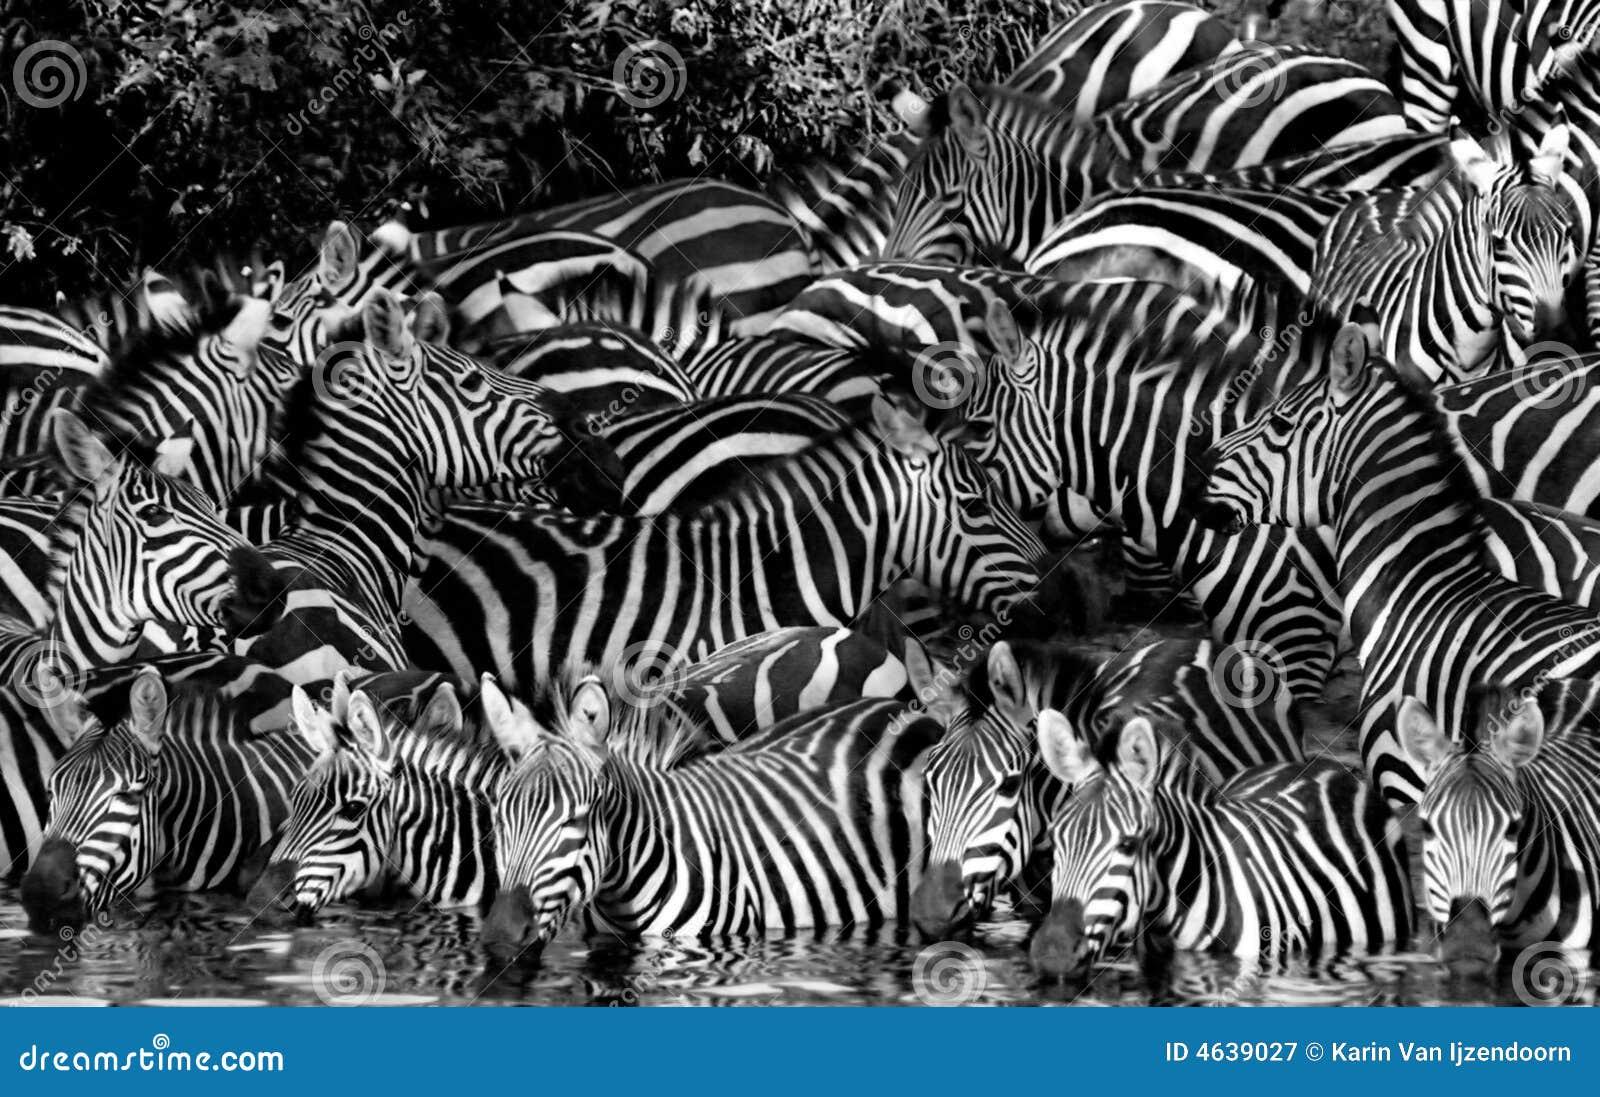 Boire de z bre noir et blanc image stock image 4639027 - Papier peint zebre noir et blanc ...